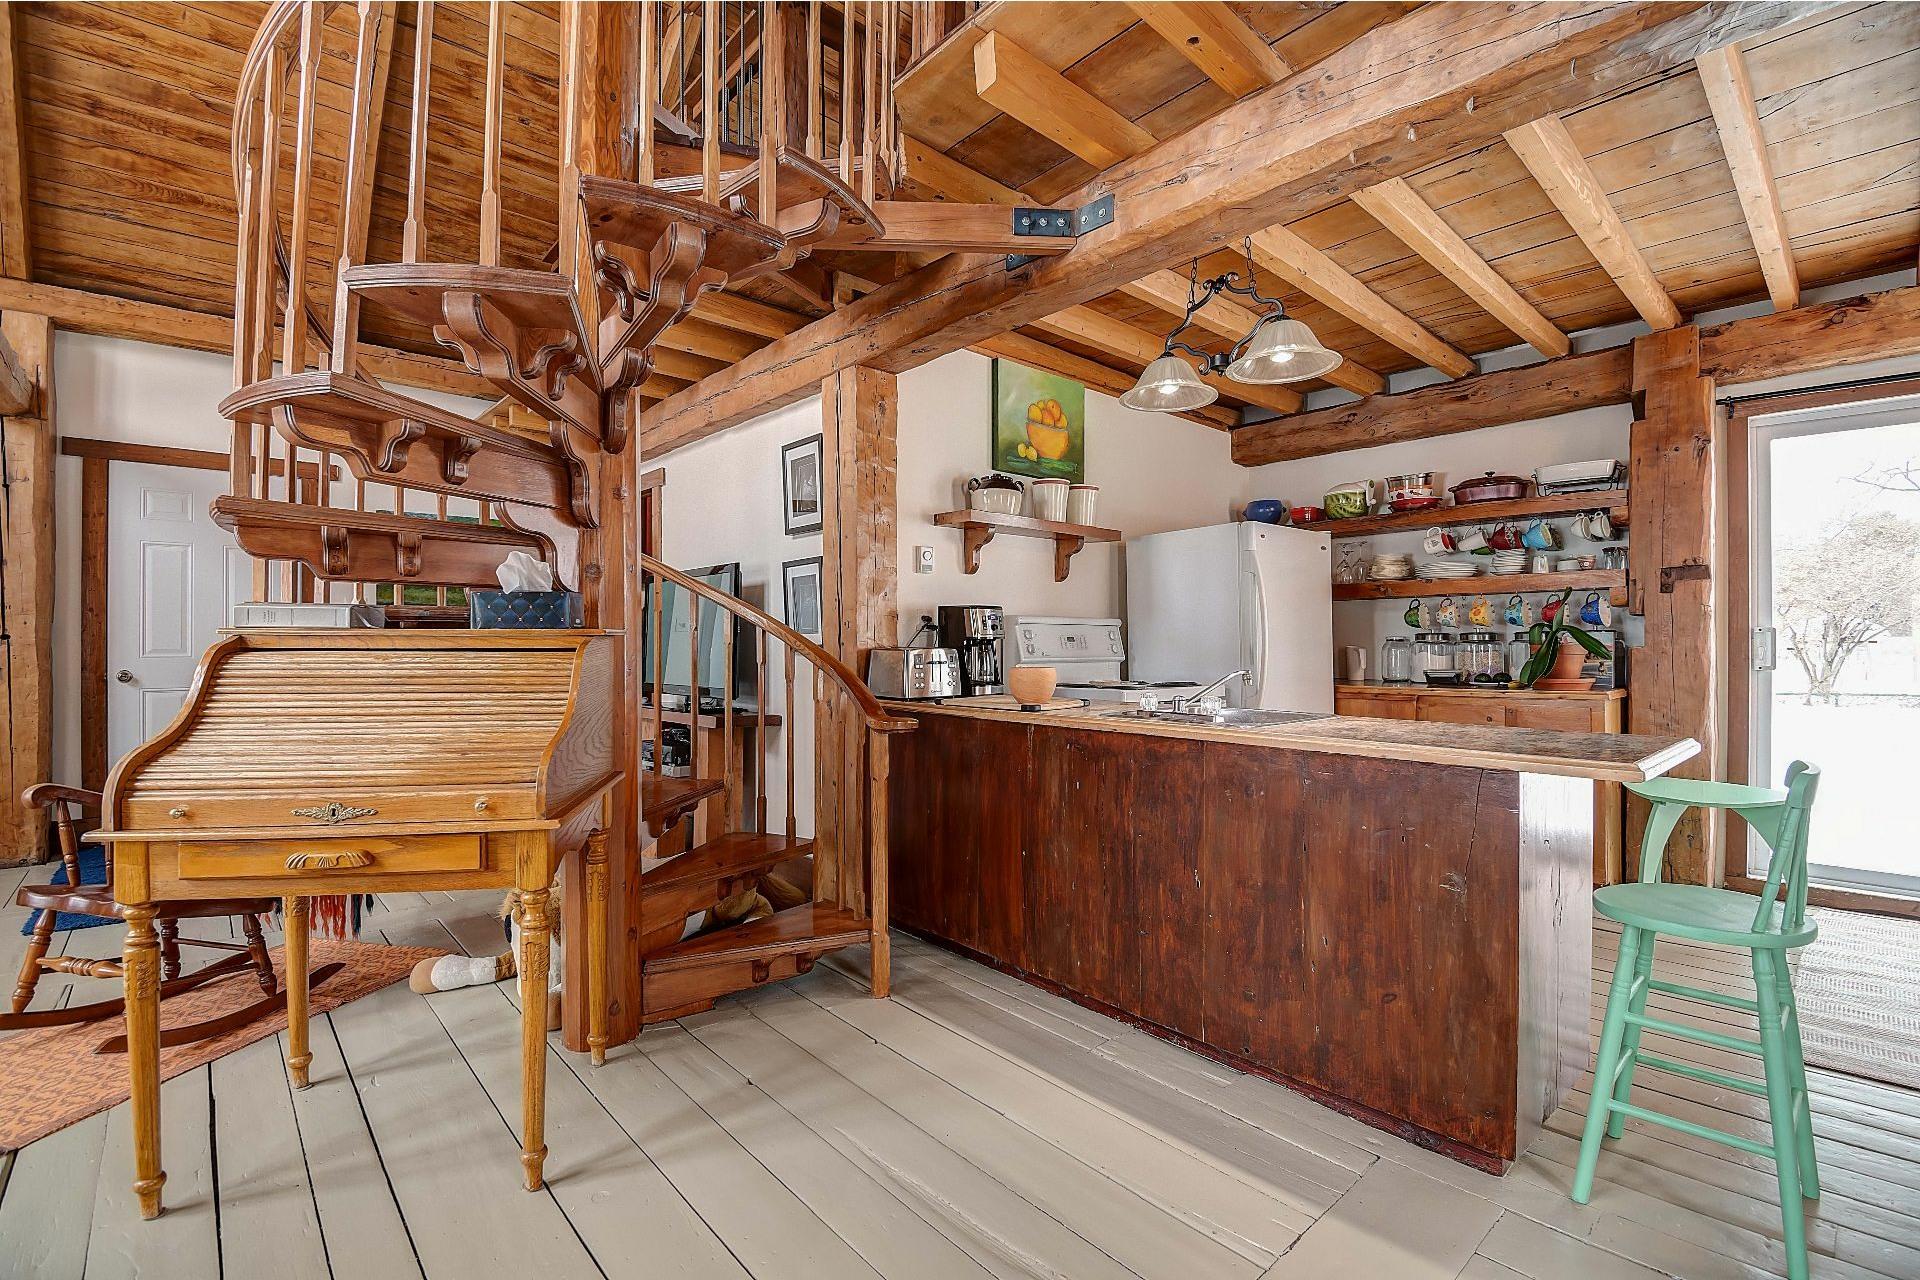 image 6 - Maison À vendre Trois-Rivières - 6 pièces